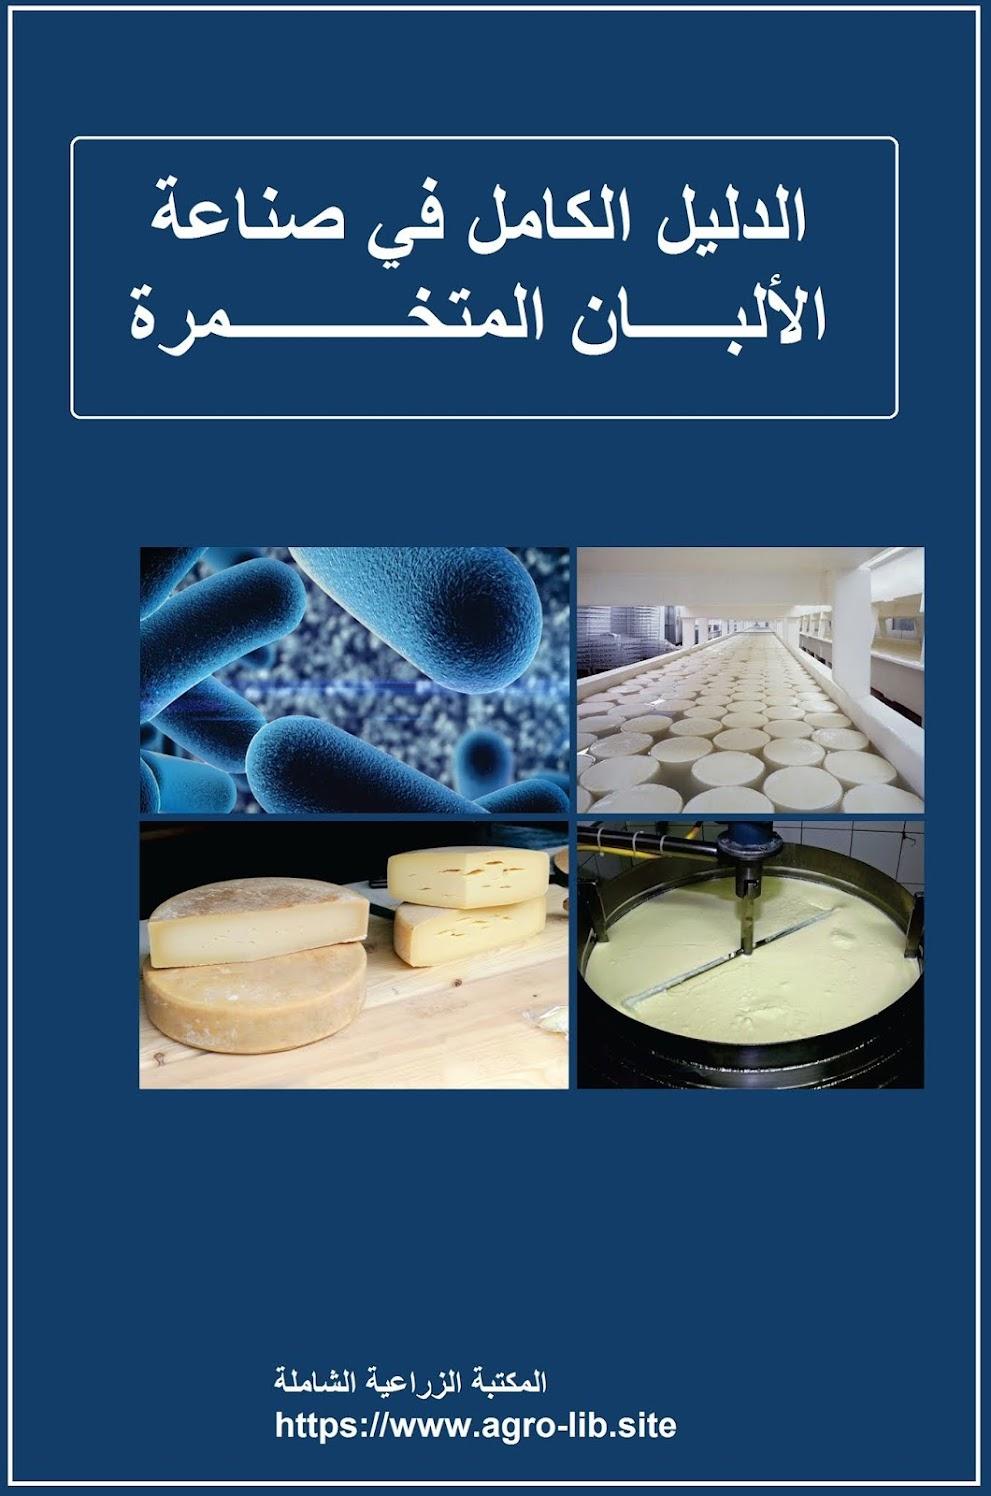 كتاب : الدليل الكامل في صناعة الالبان المتخمرة